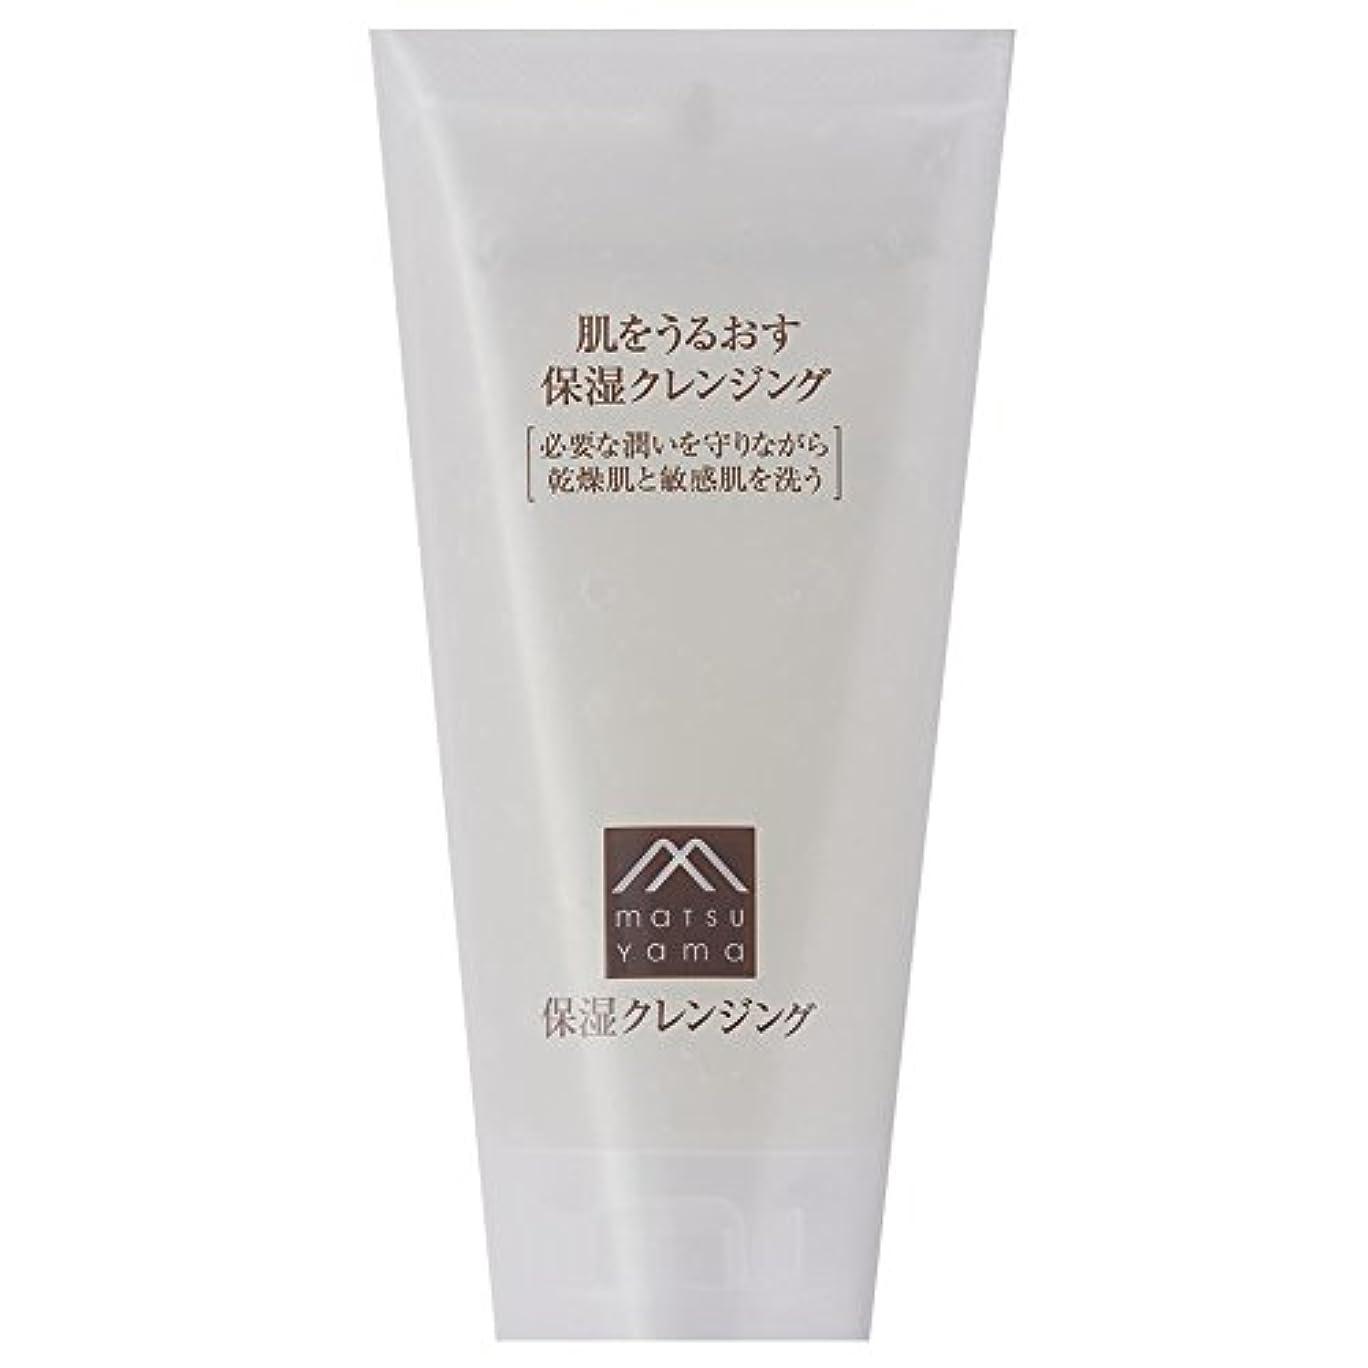 一月効能マティス肌をうるおす保湿クレンジング(メイク落とし) 保湿 乾燥肌 敏感肌